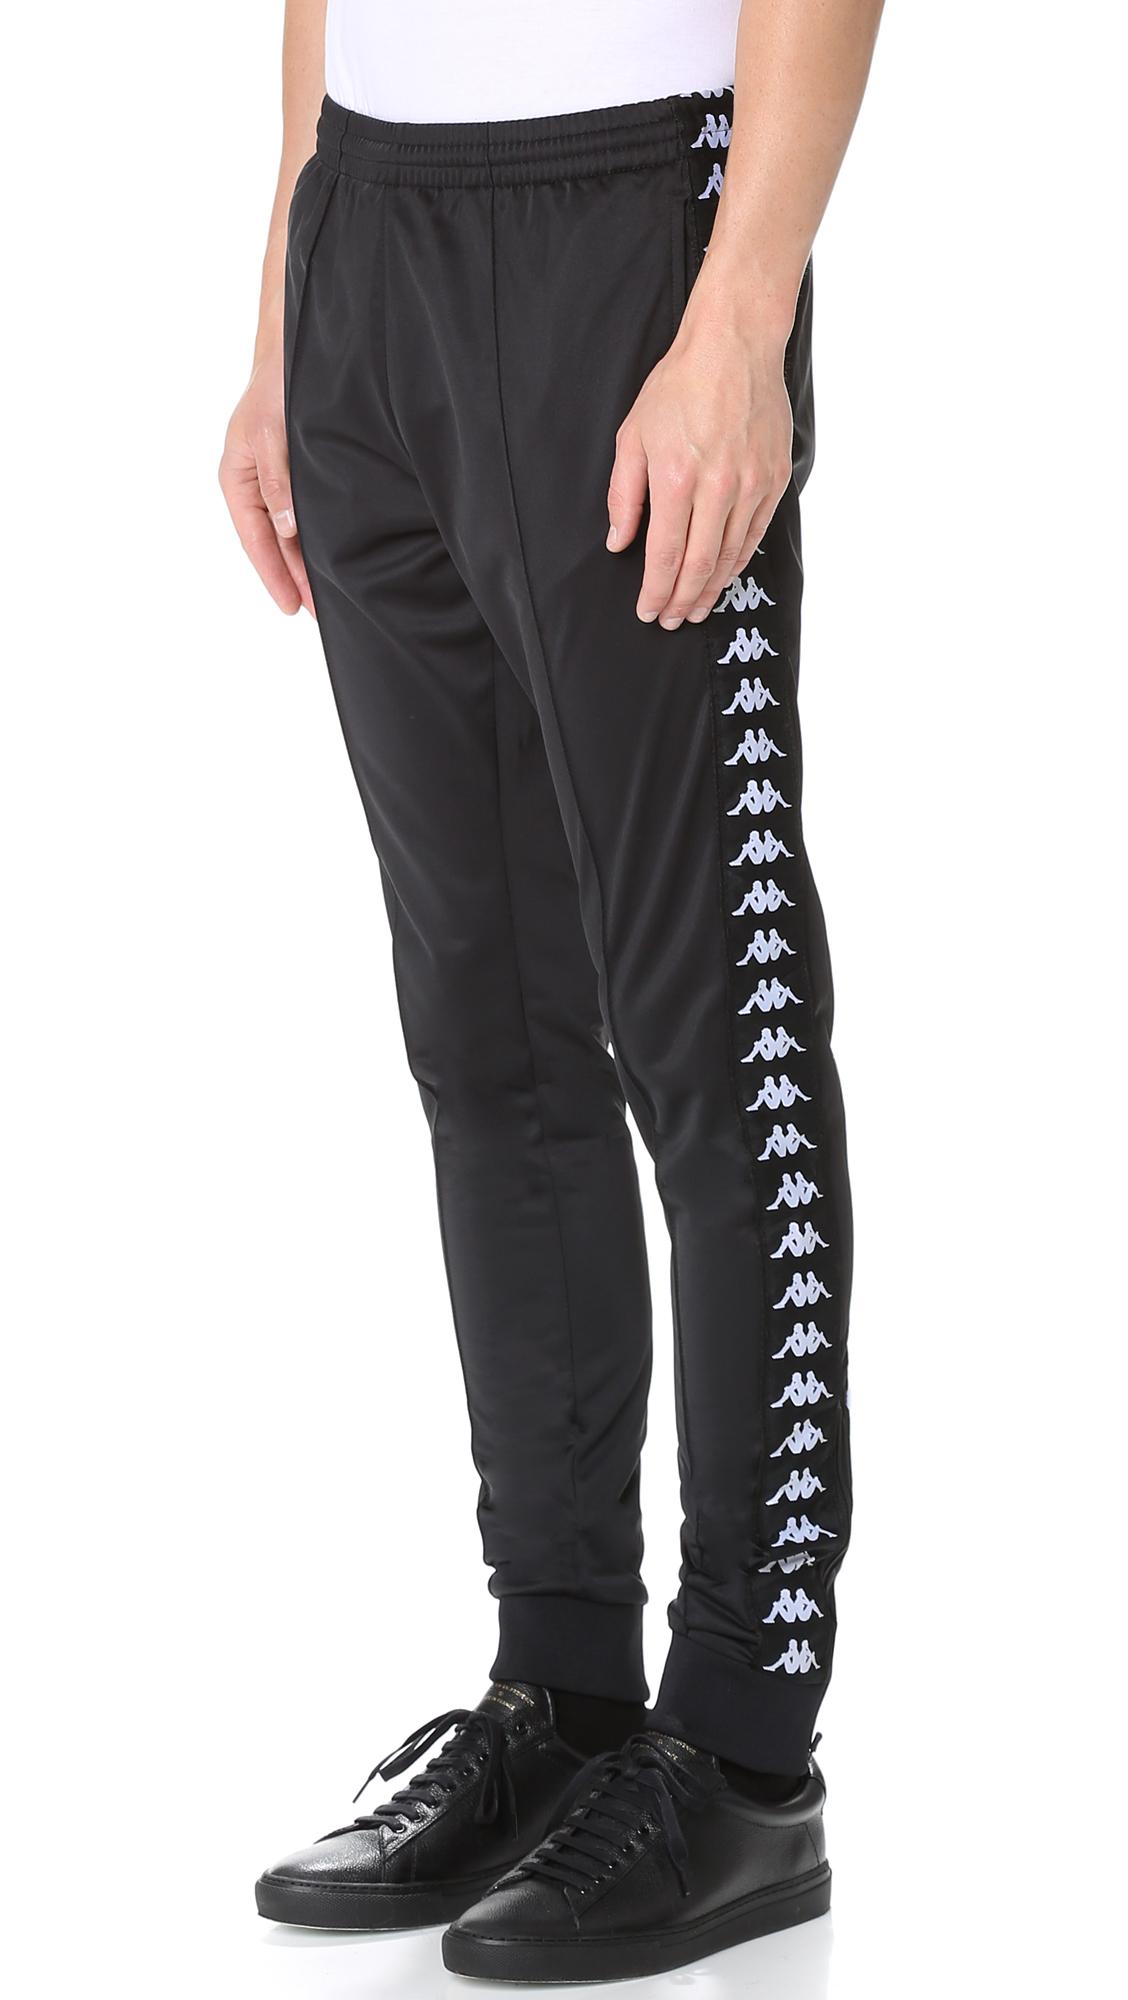 kappa jogging pants. Black Bedroom Furniture Sets. Home Design Ideas